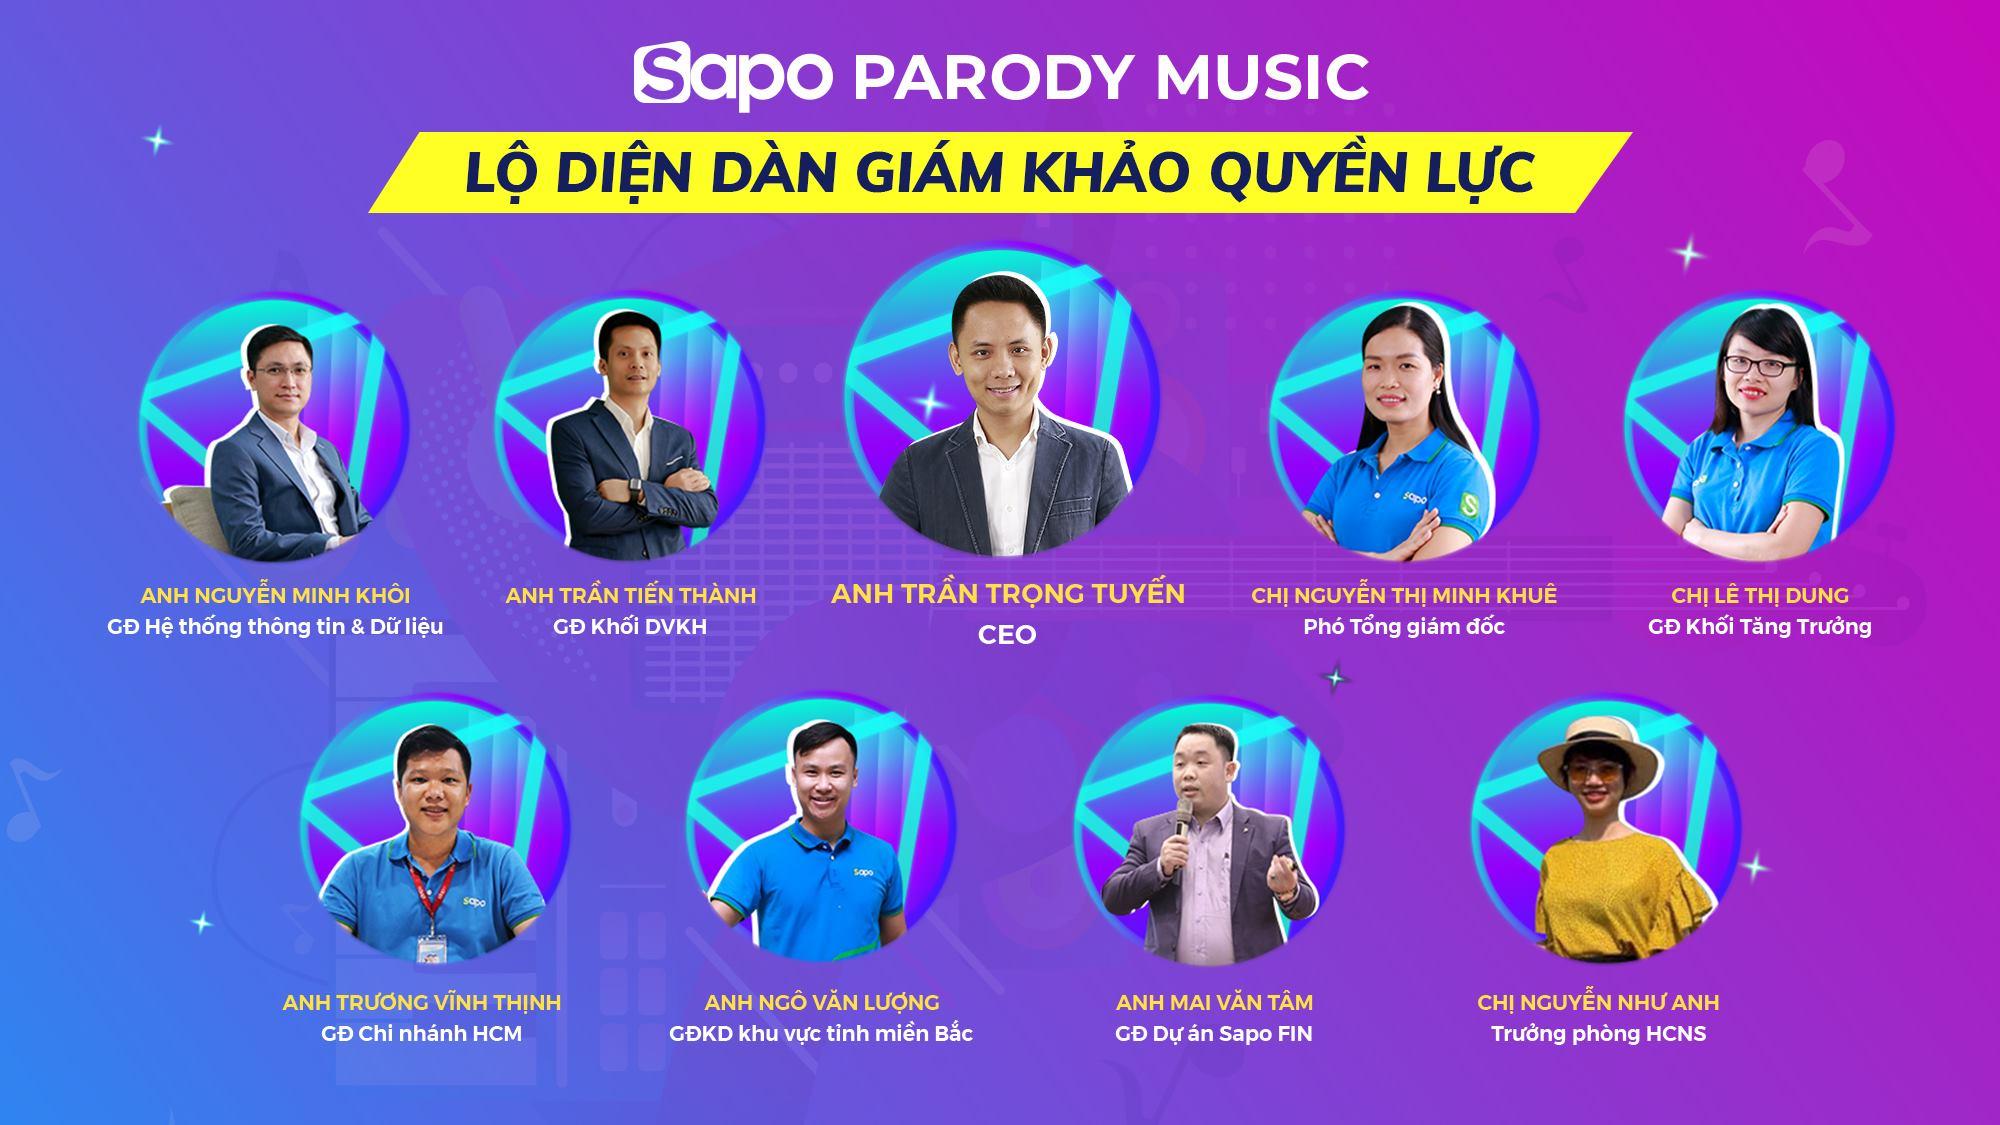 Lộ diện dàn giám khảo quyền lực của cuộc thi Sapo Parody Music